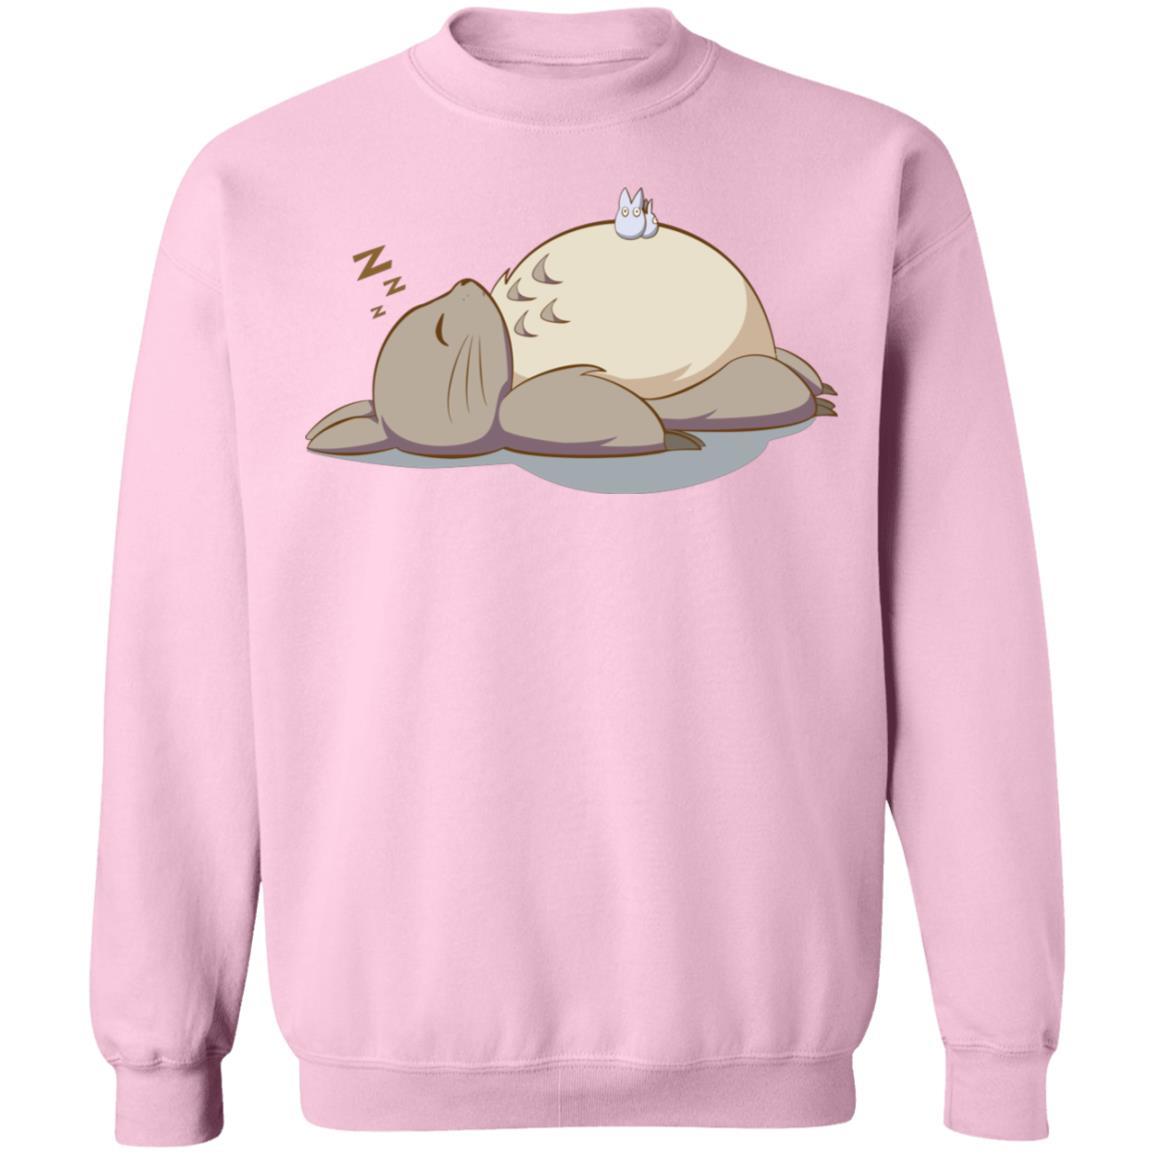 Sleeping Totoro Sweatshirt